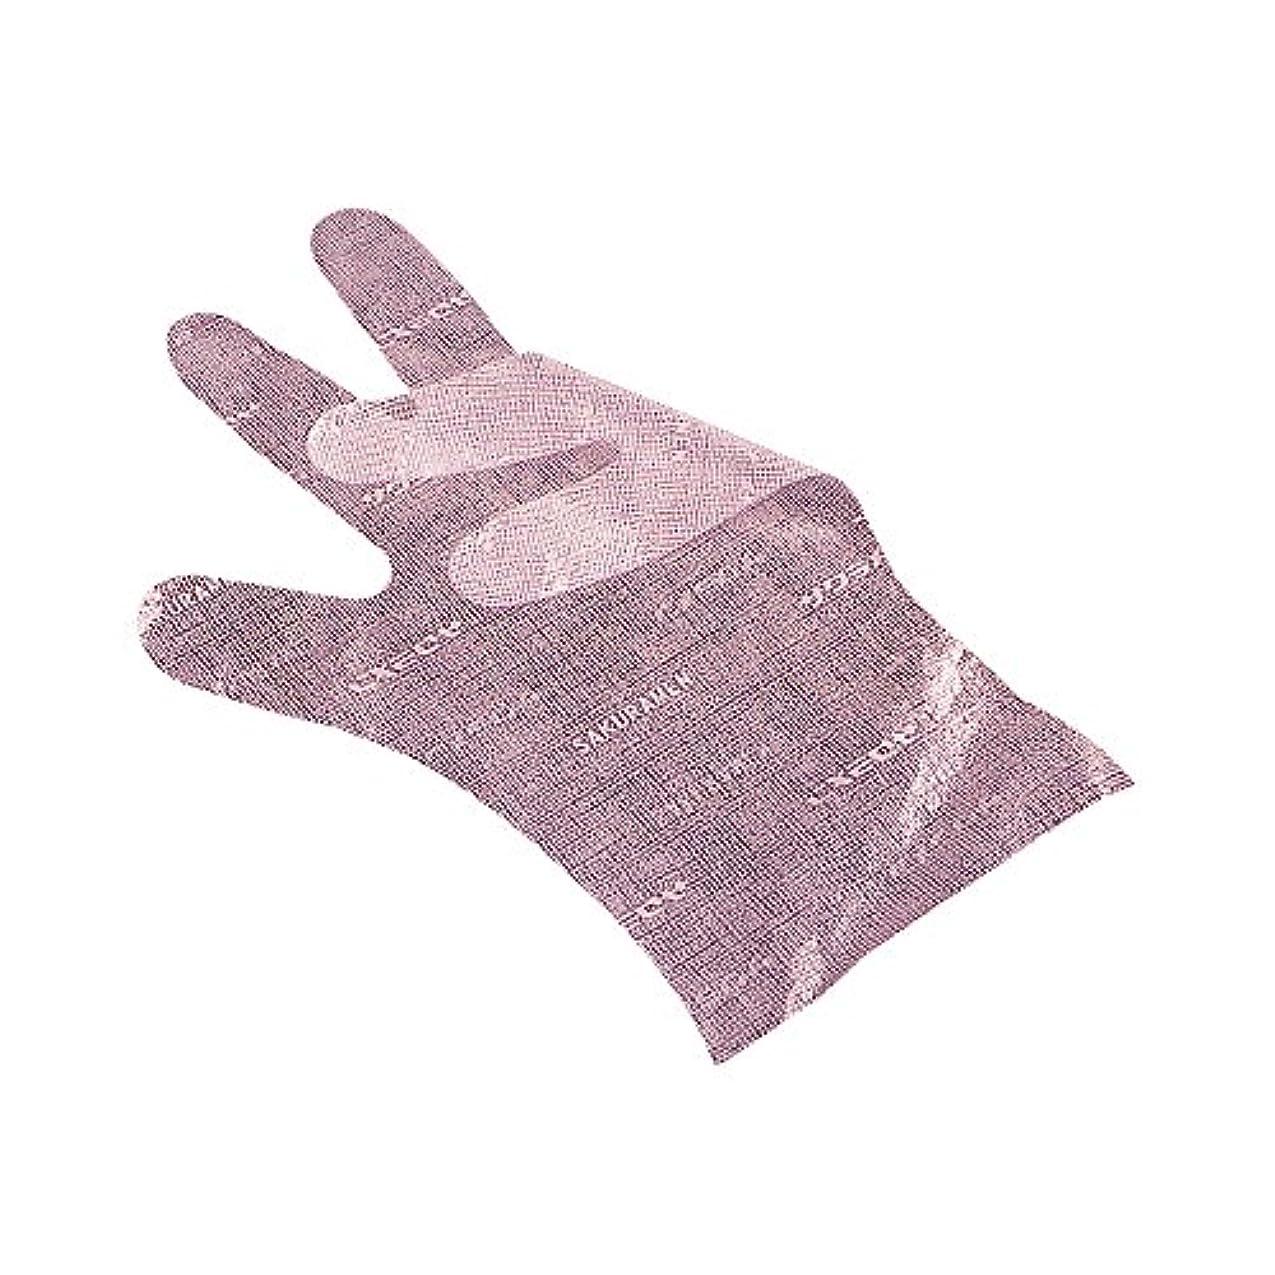 呪いシャベル力サクラメンエンボス手袋 デラックス ピンク M 100枚入